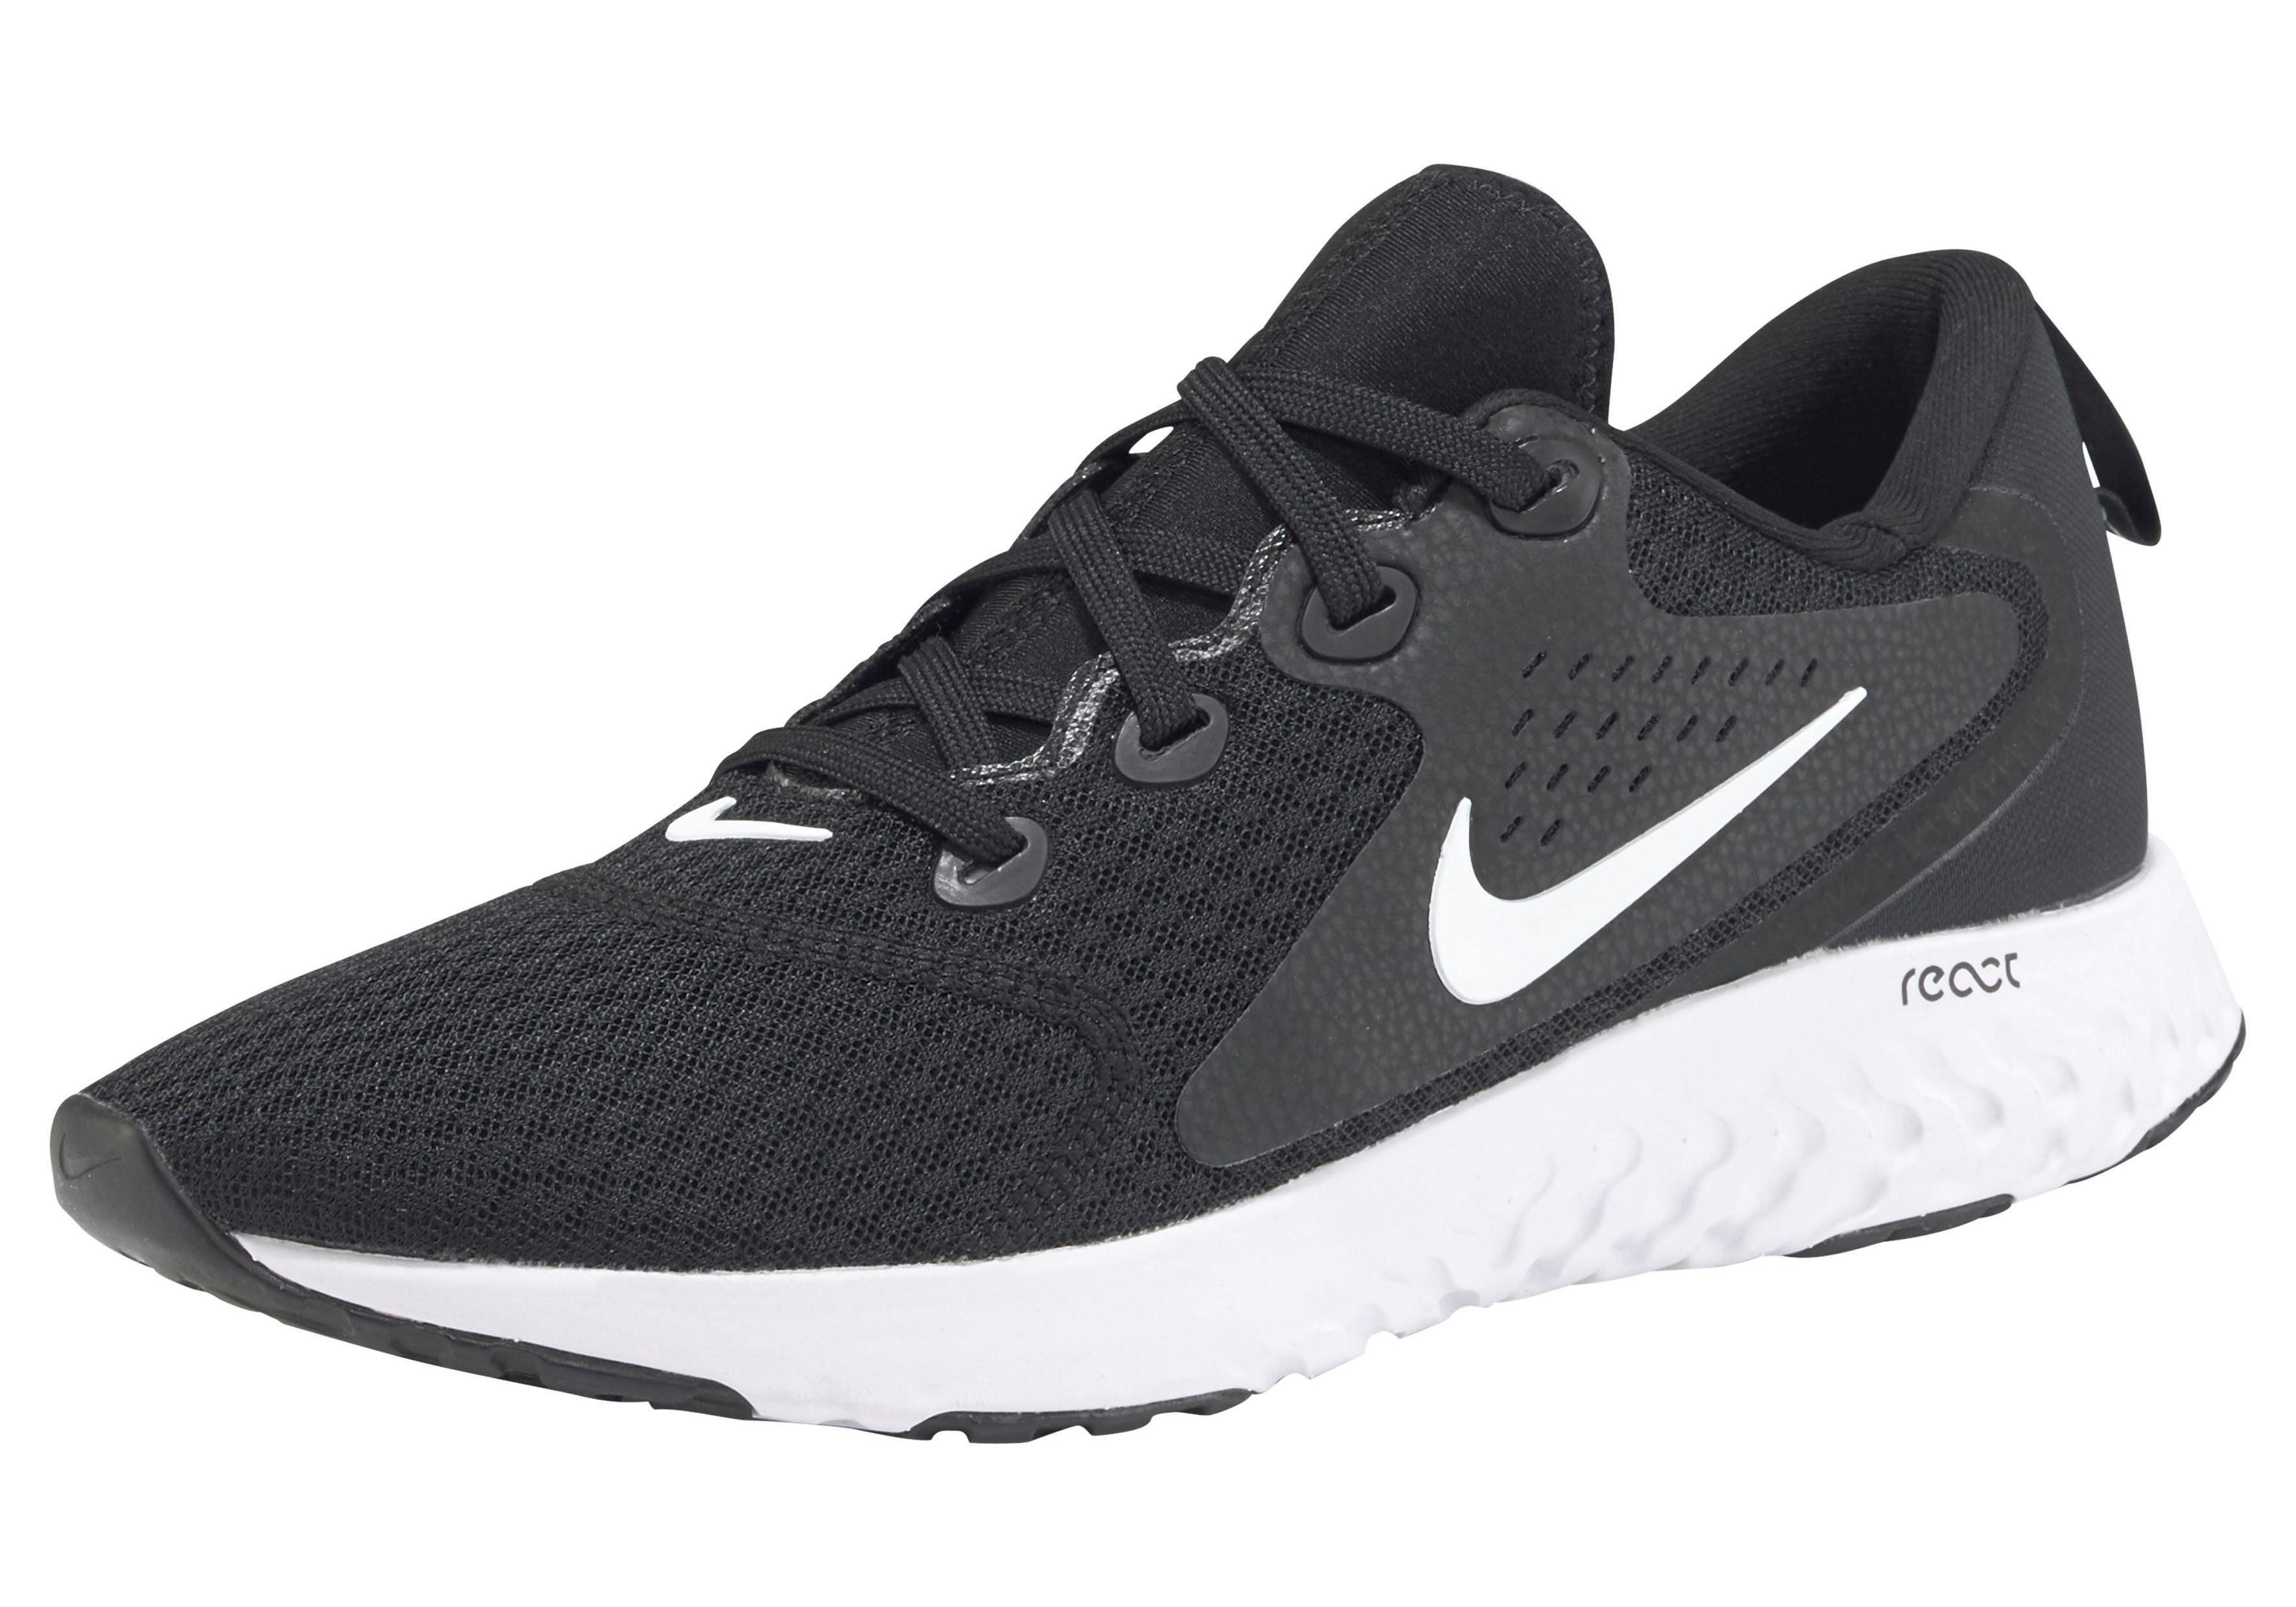 Nike »Legend React« Laufschuh, Funktionaler Laufschuh von Nike online kaufen   OTTO